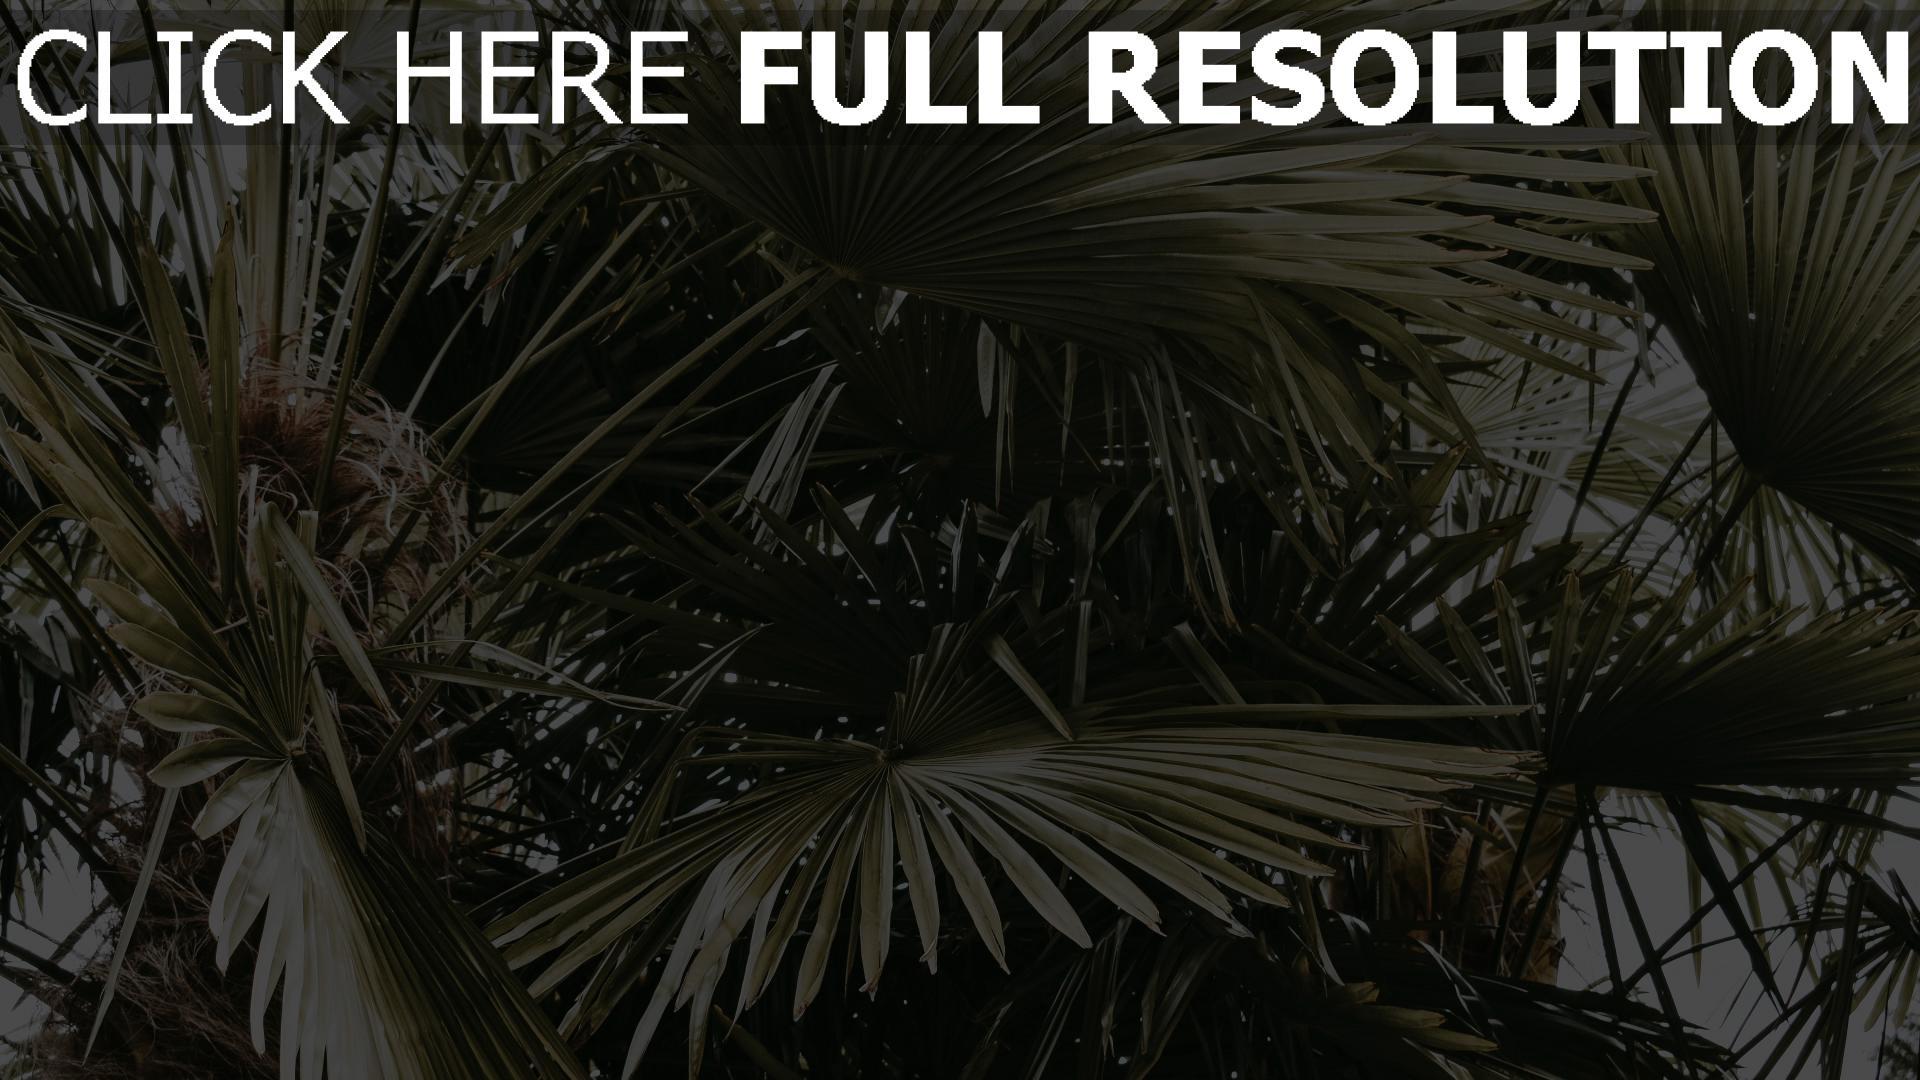 hd hintergrundbilder blätter palmen büschen pflanzen 1920x1080